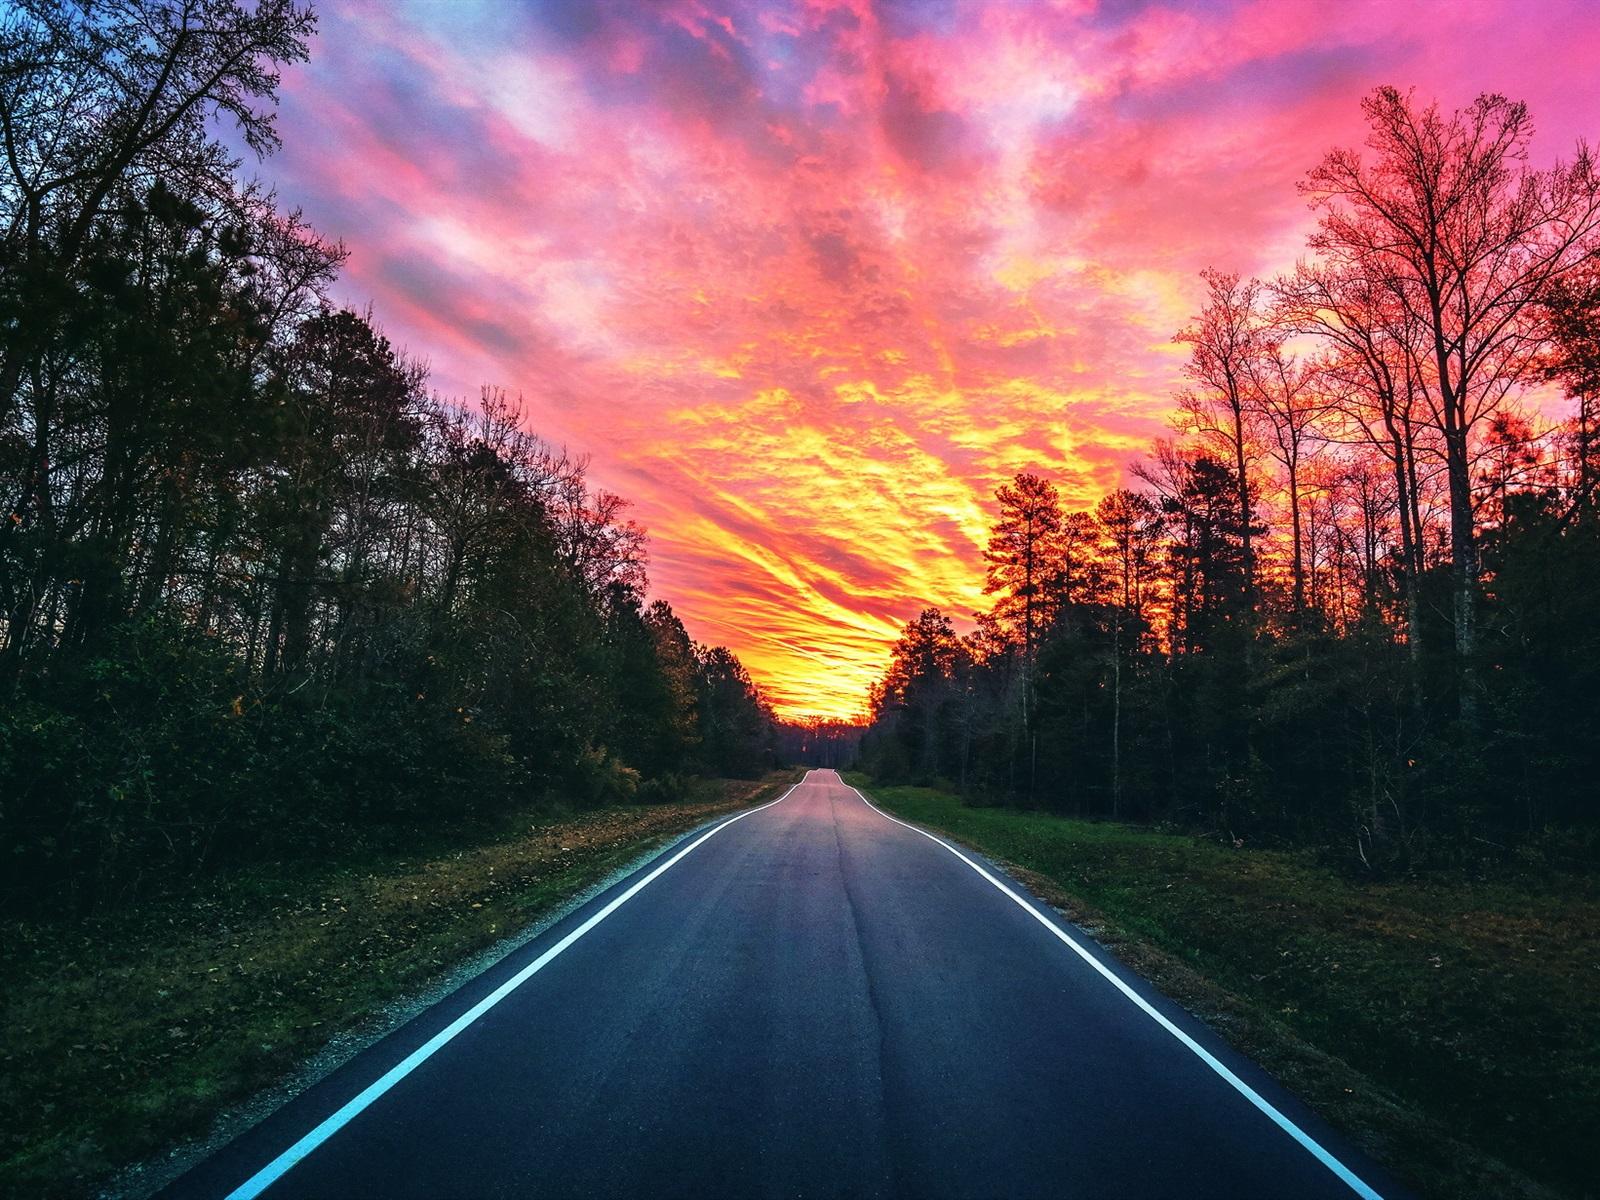 фото закат на дороге подскажите пожалуйста, какую